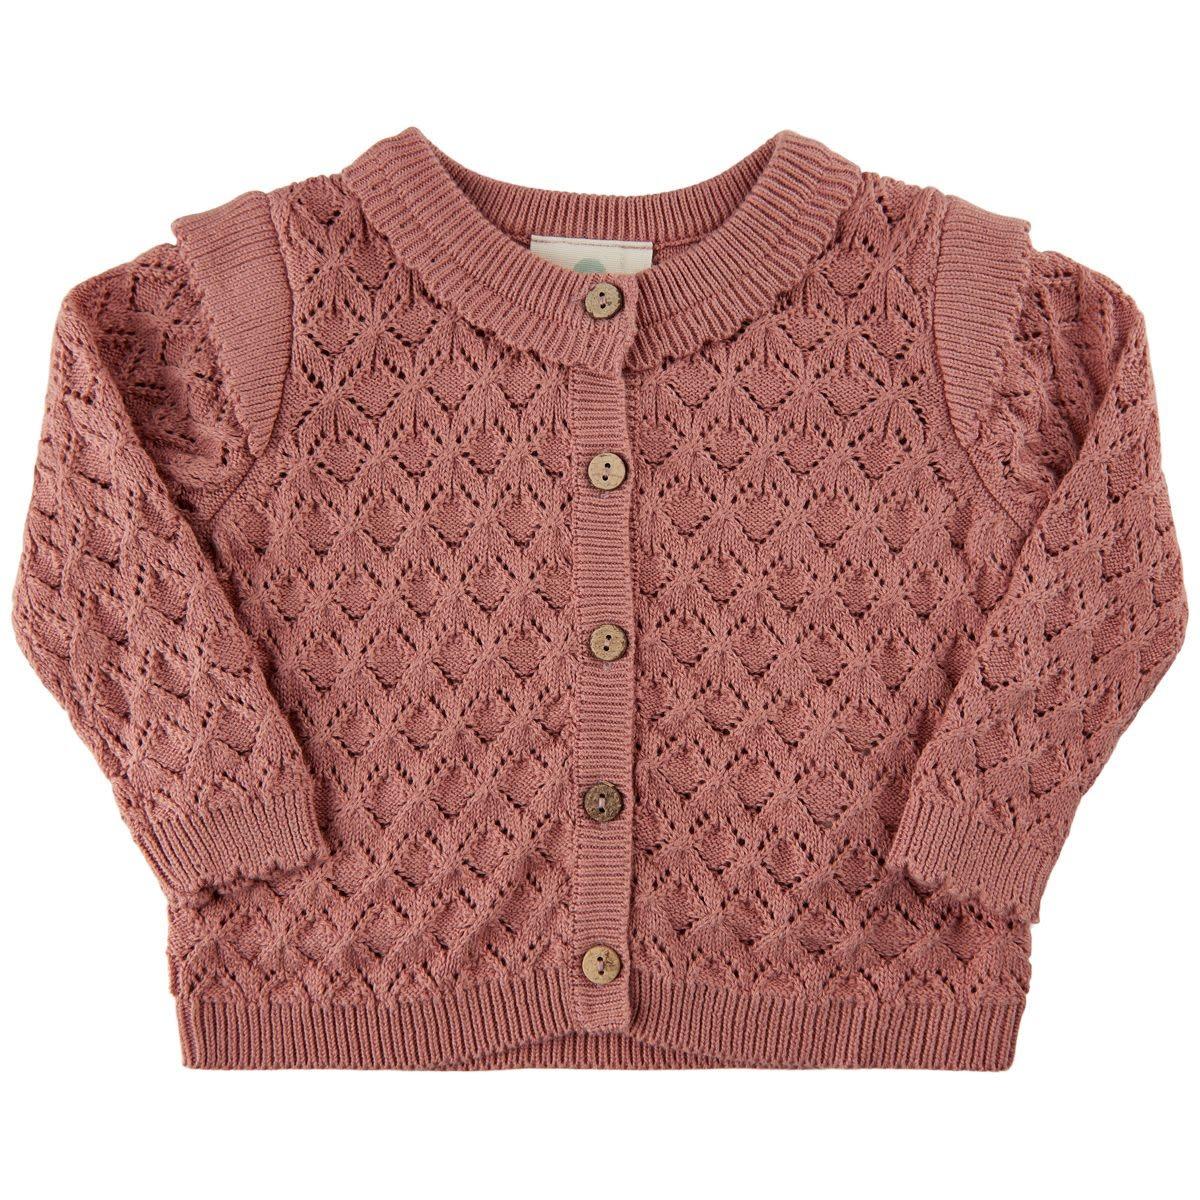 Knit Cardigan - Rose Dawn